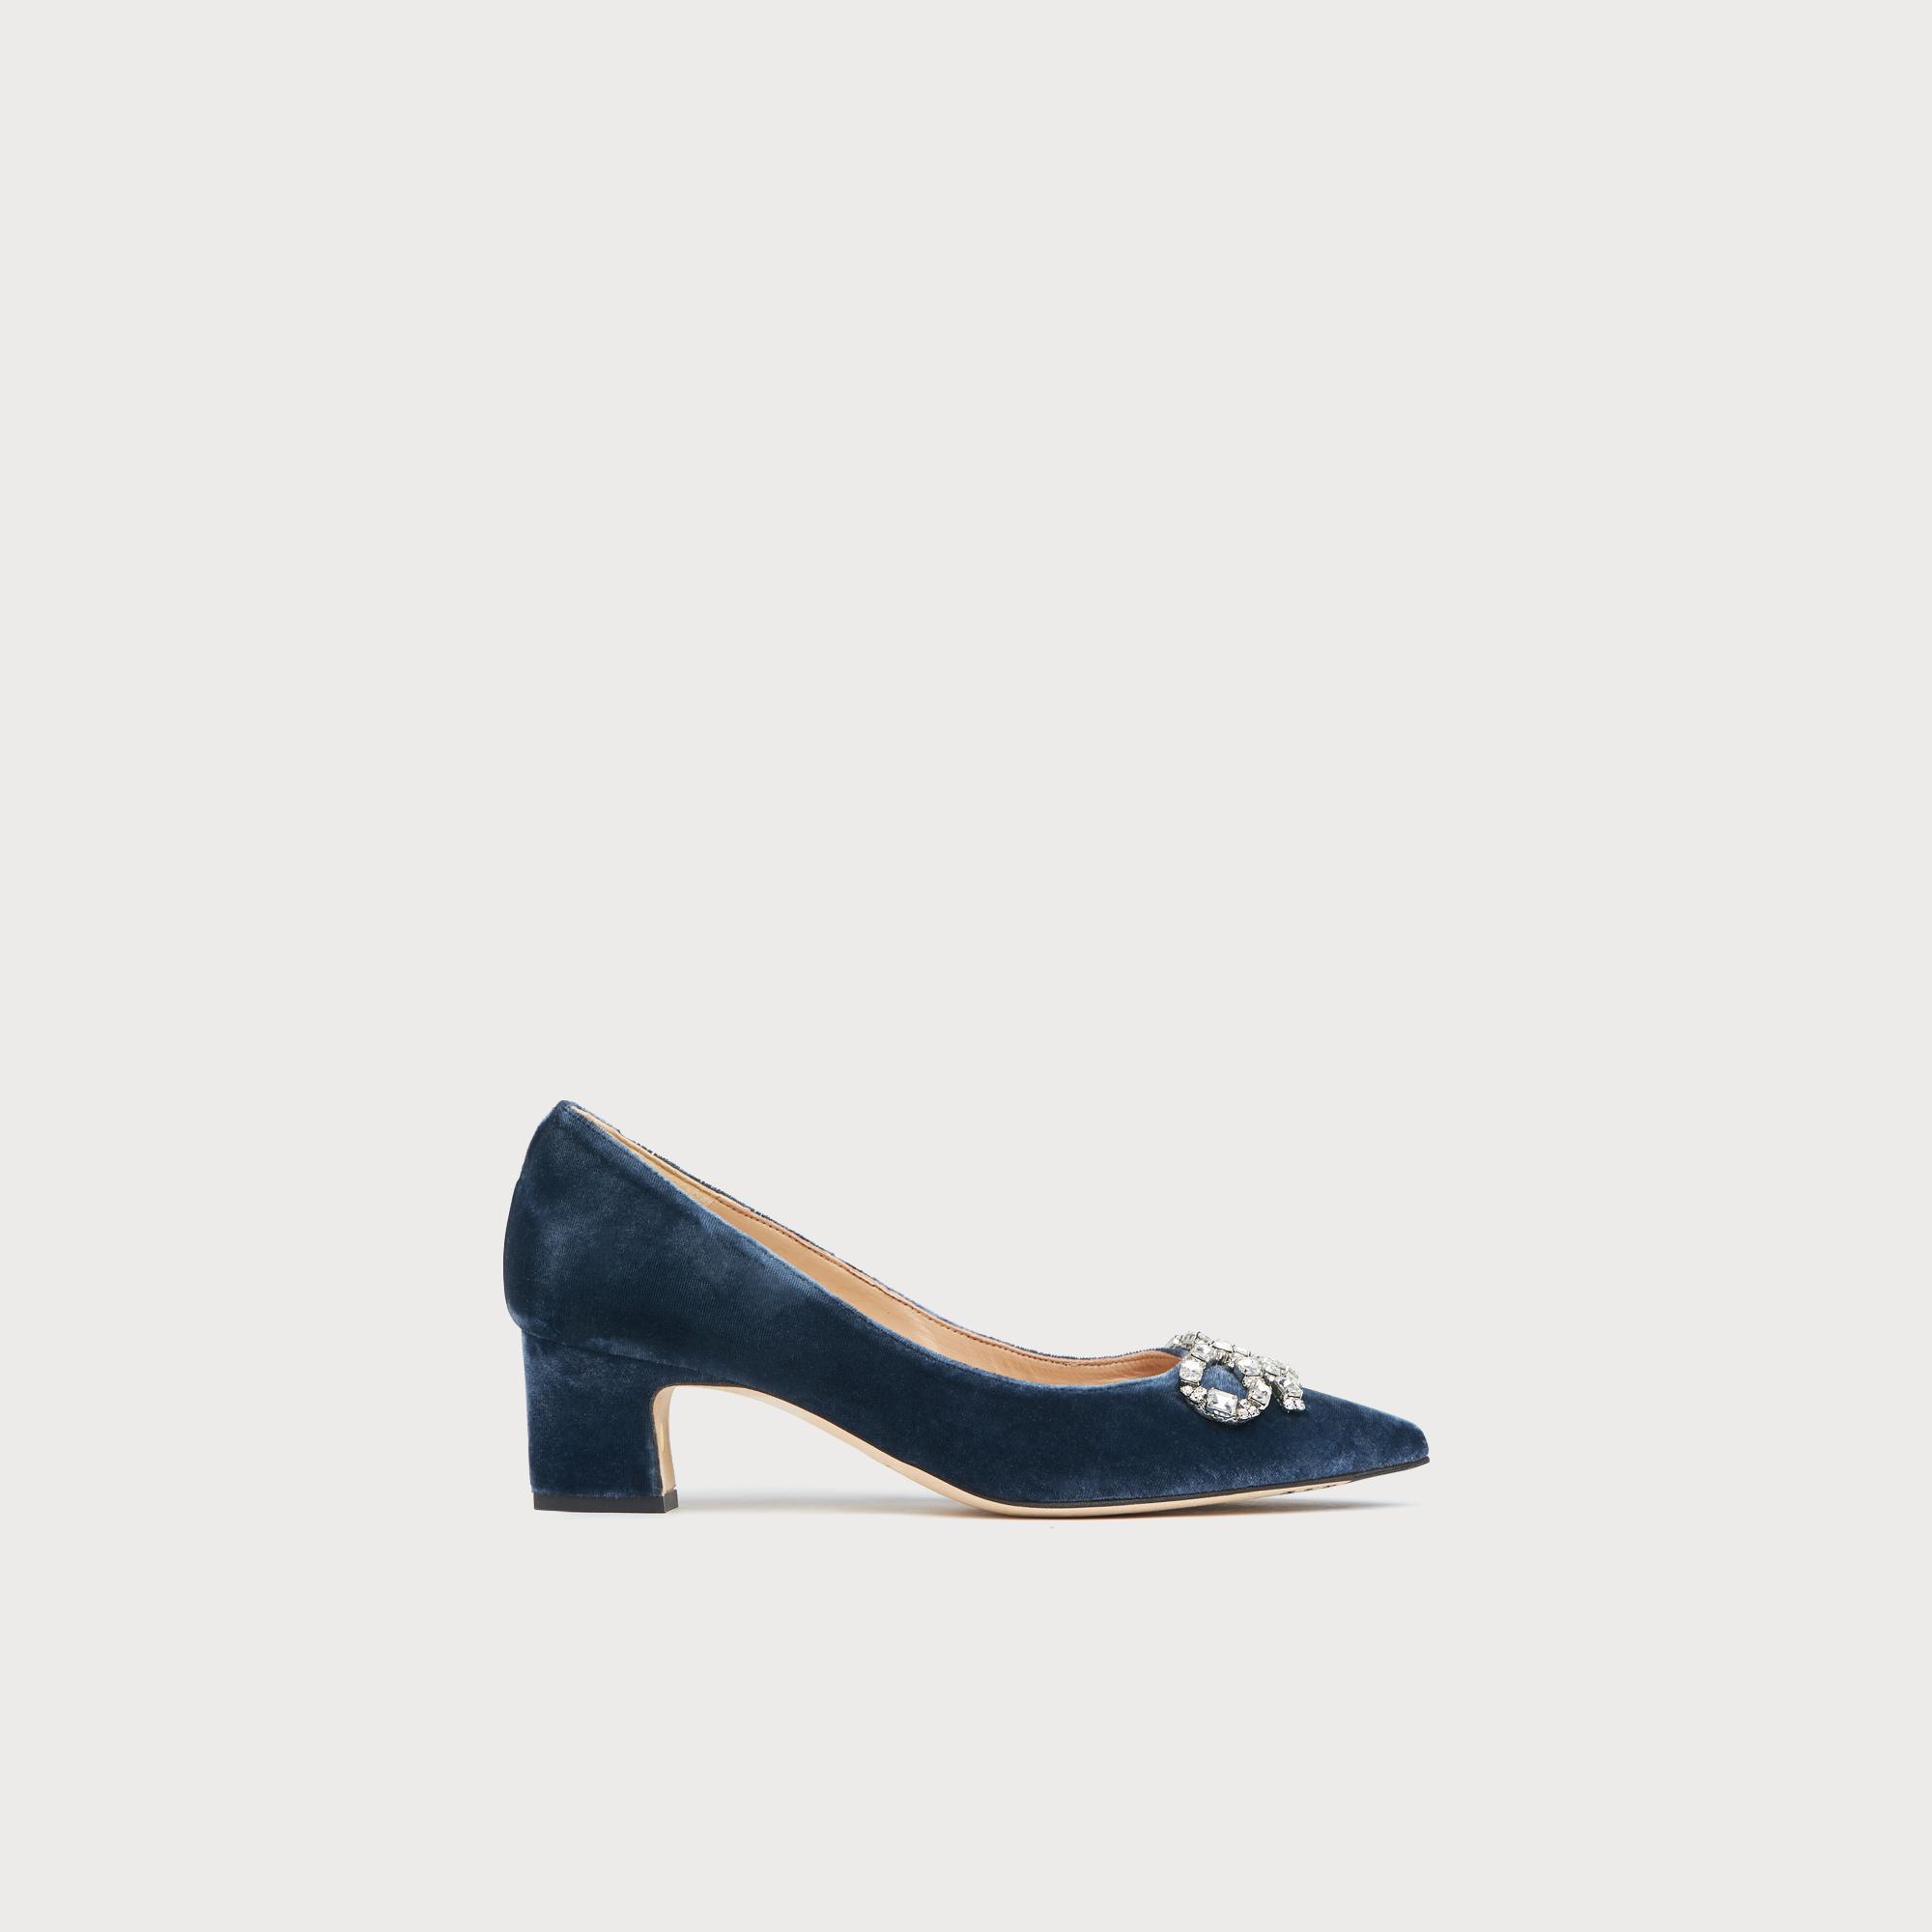 bdc8ce49625 Annabelle Blue Velvet Bow Heels